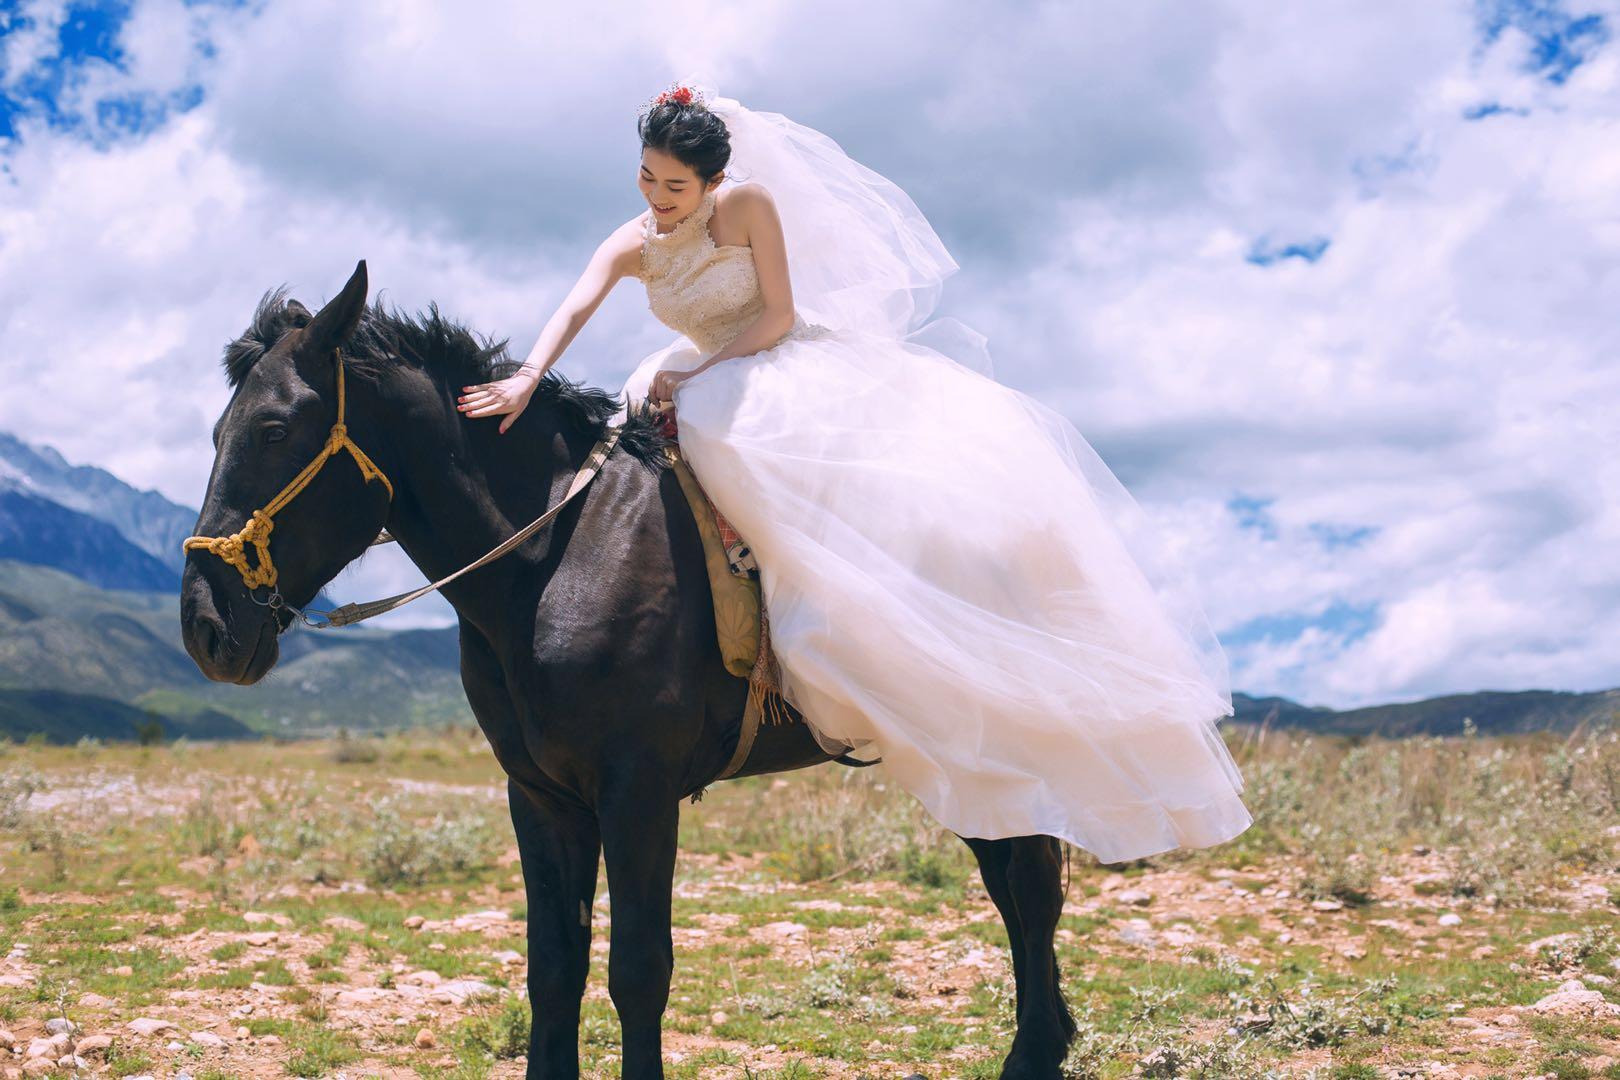 婚纱照选片的六大原则